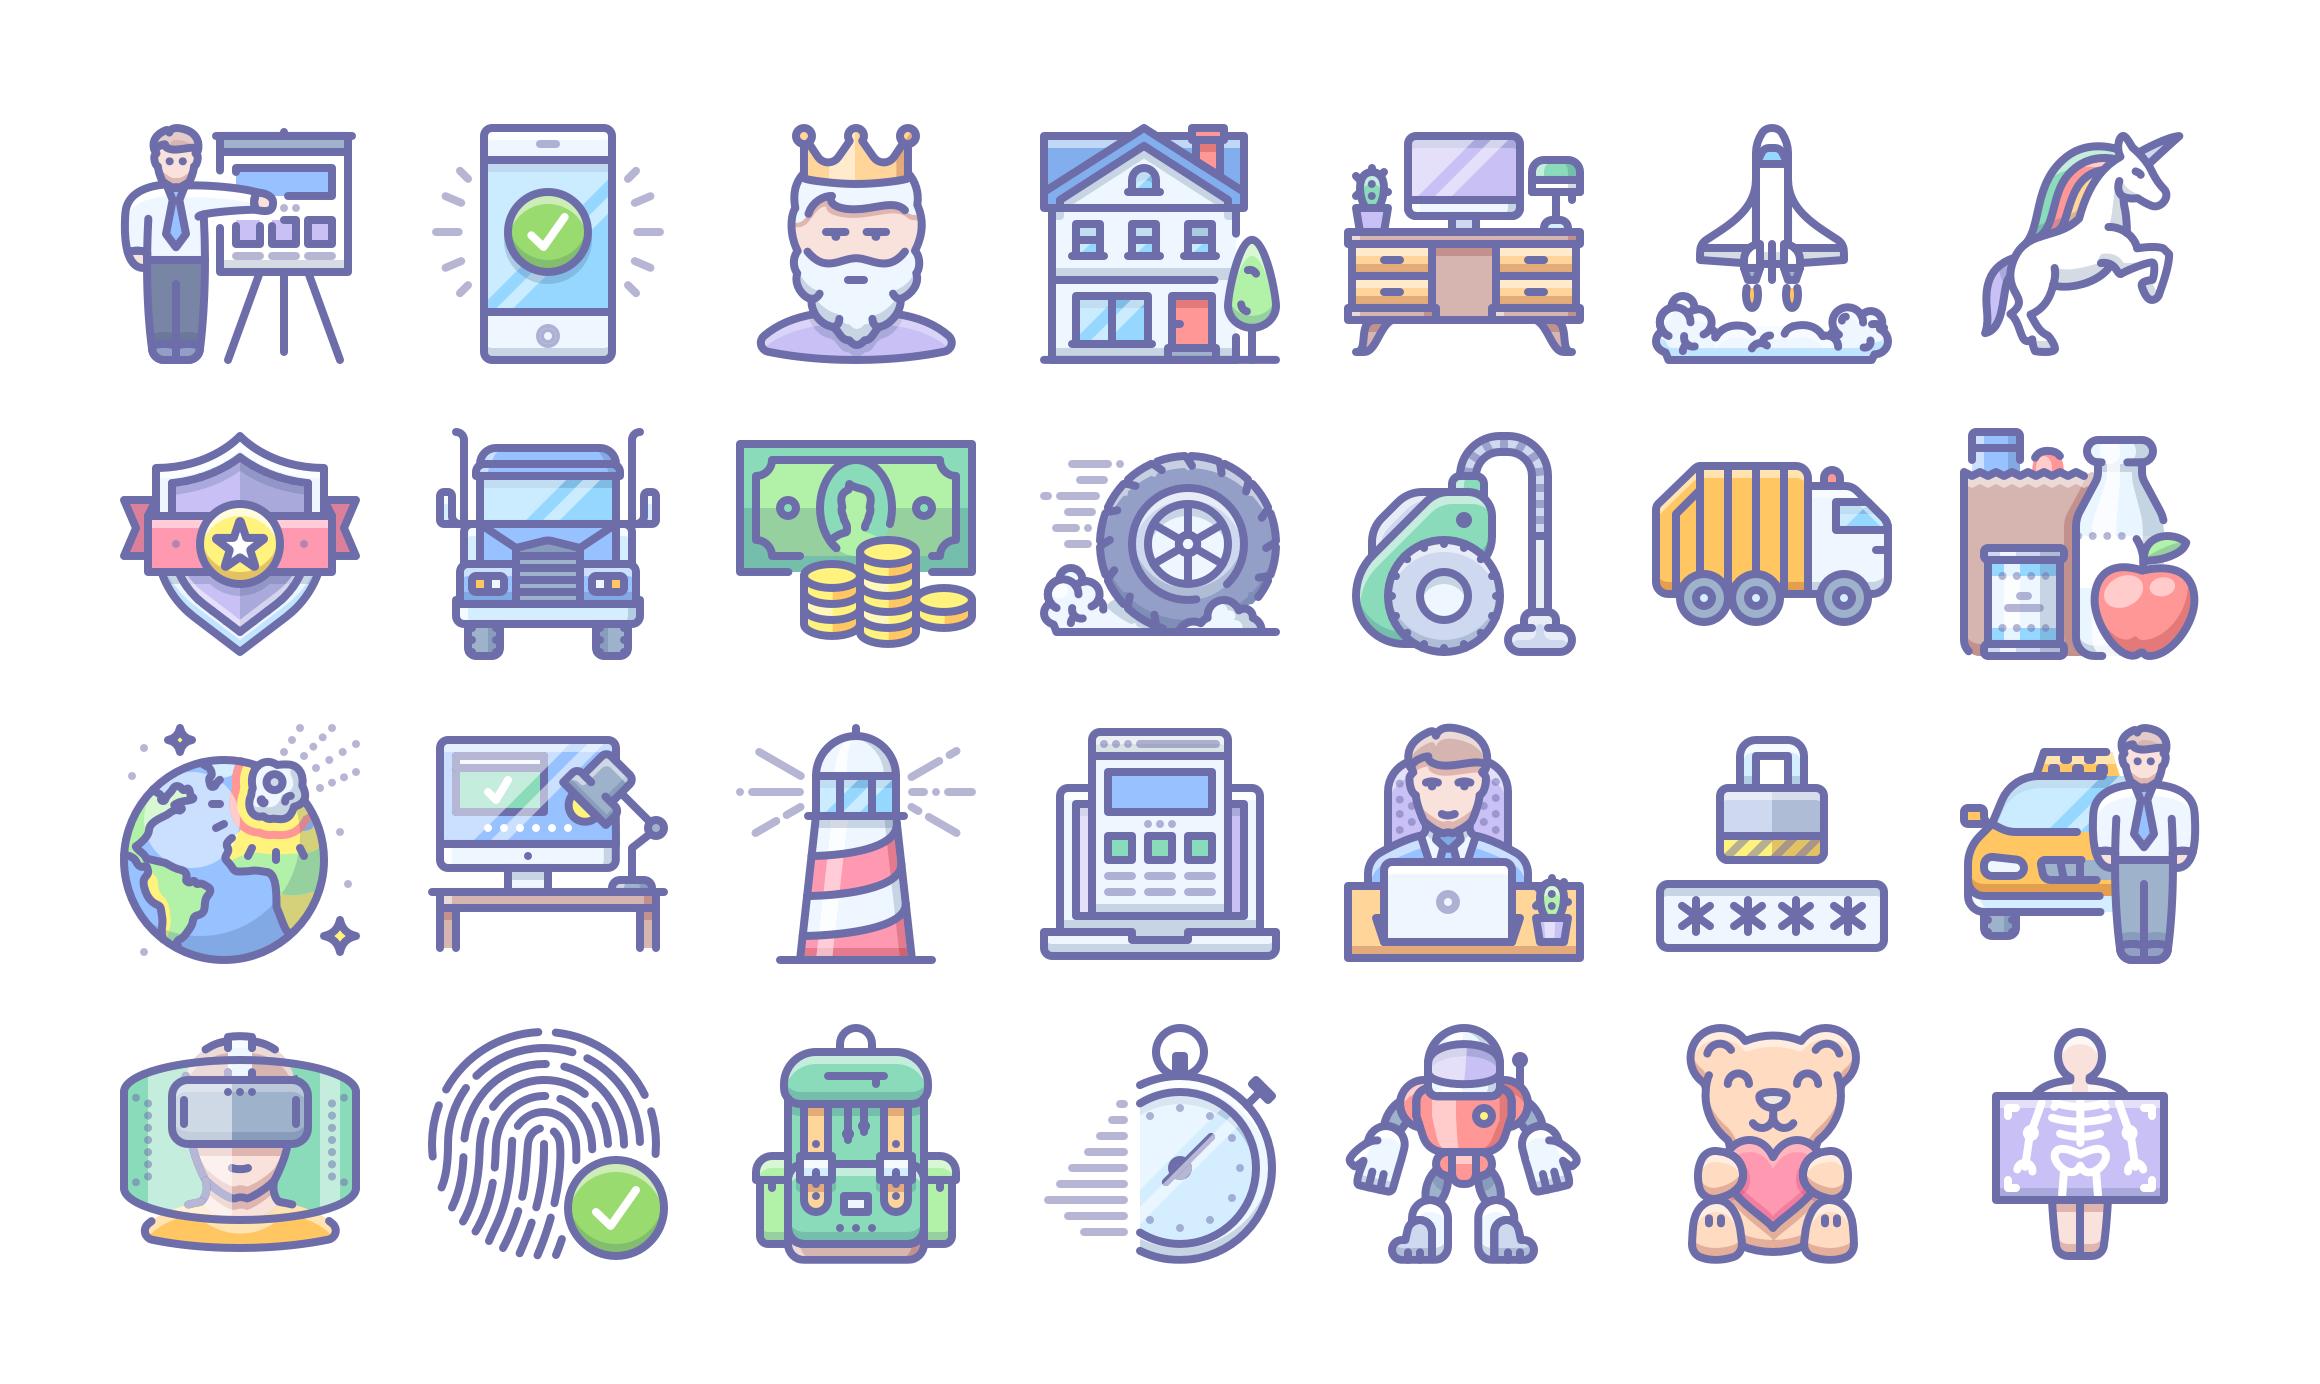 Unigrid icons